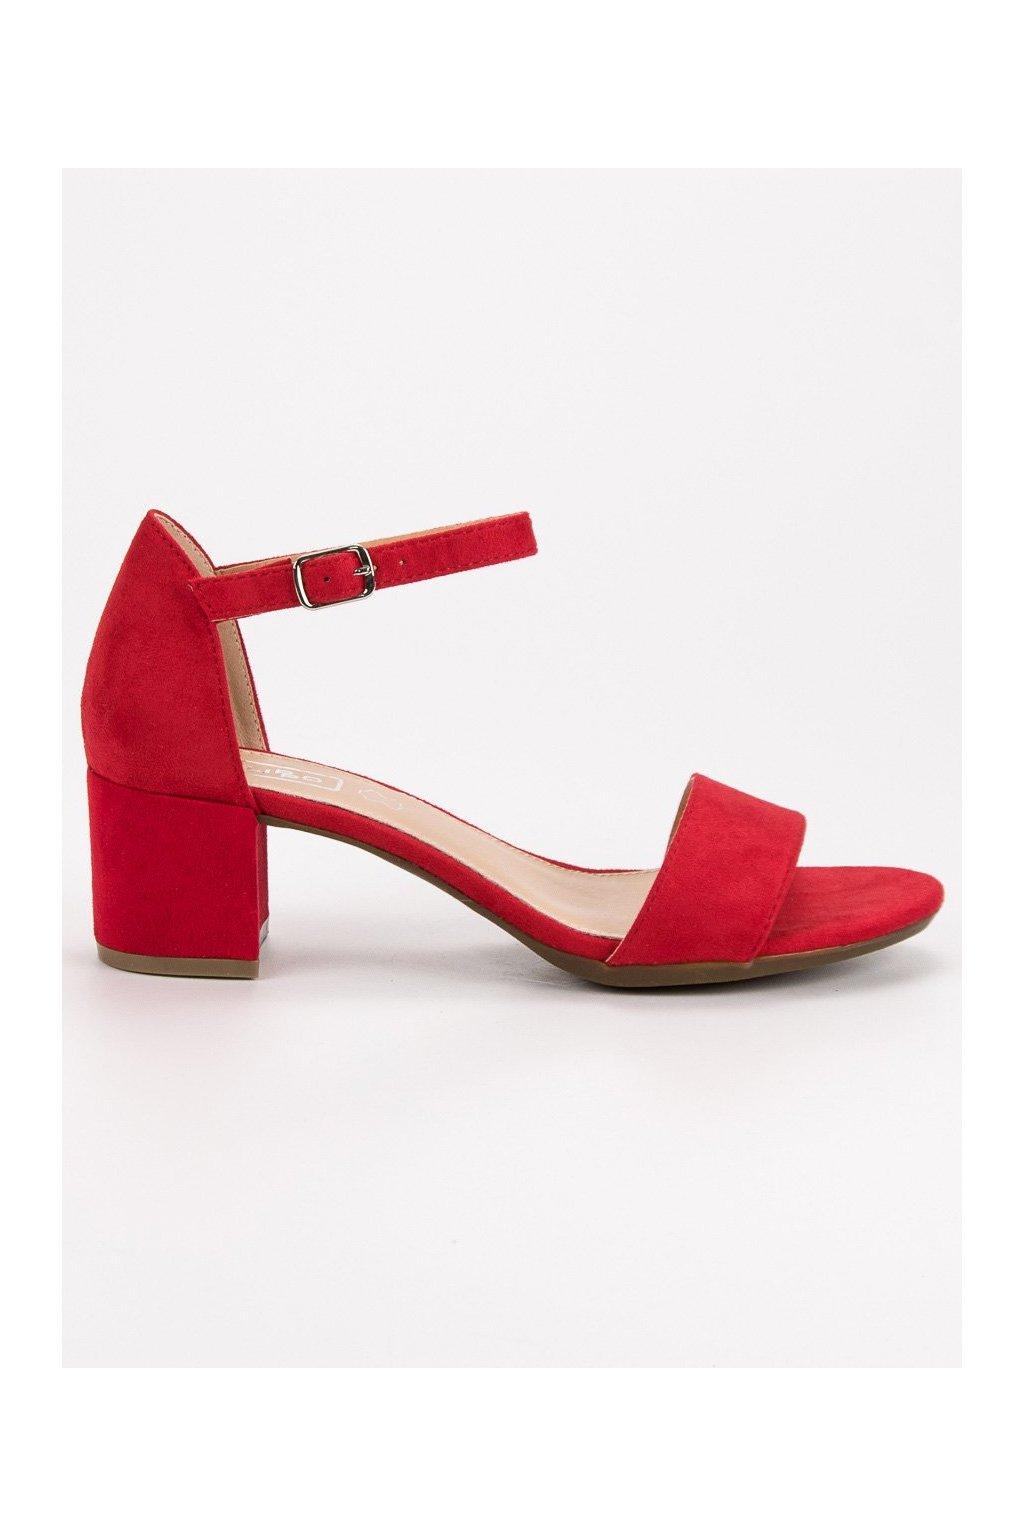 a6520892f838 Červené topánky veľkosť 36